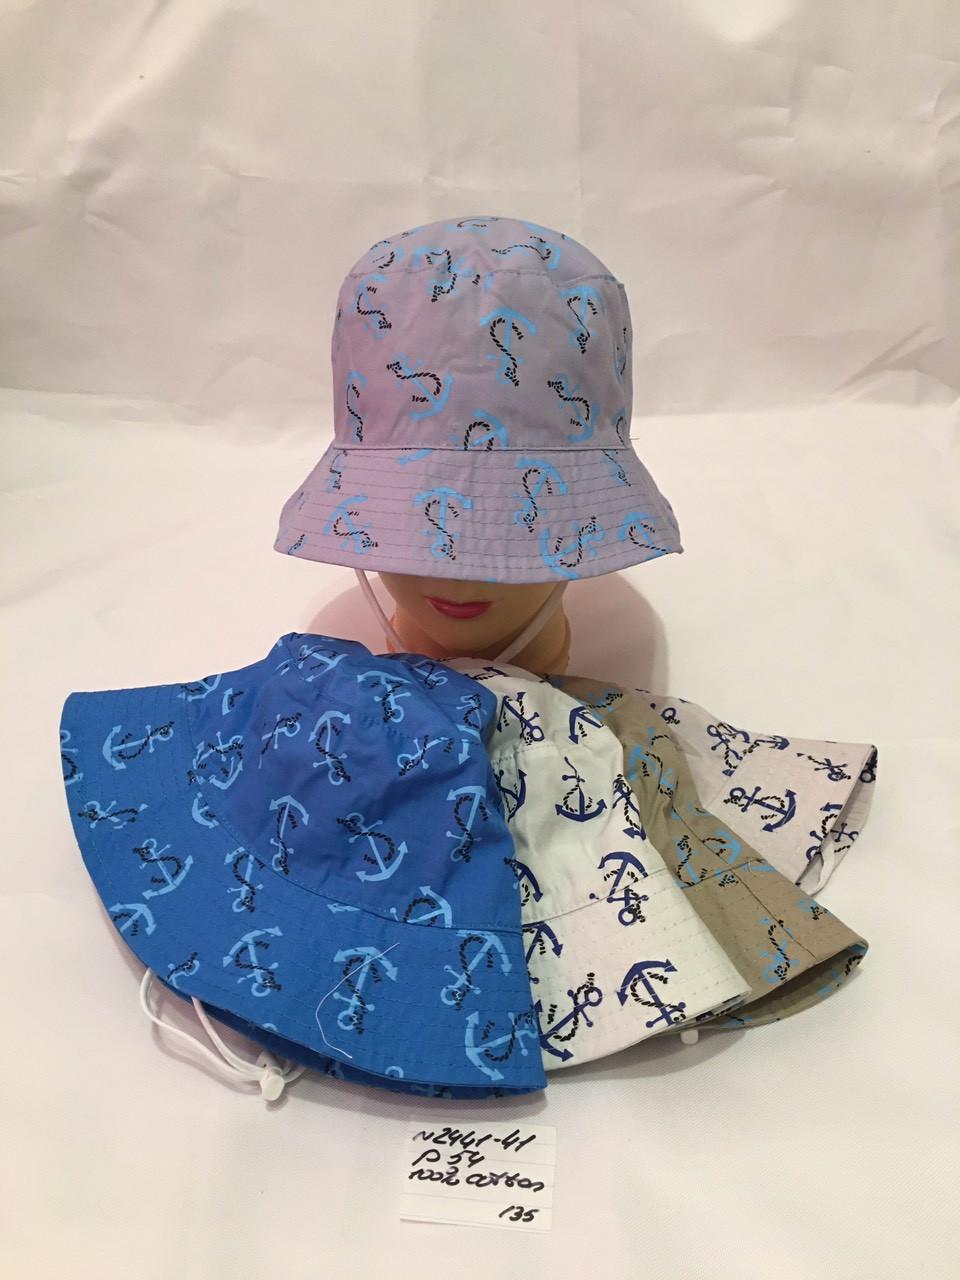 Летняя детская панамка для мальчика Якорь р.54 100% cotton